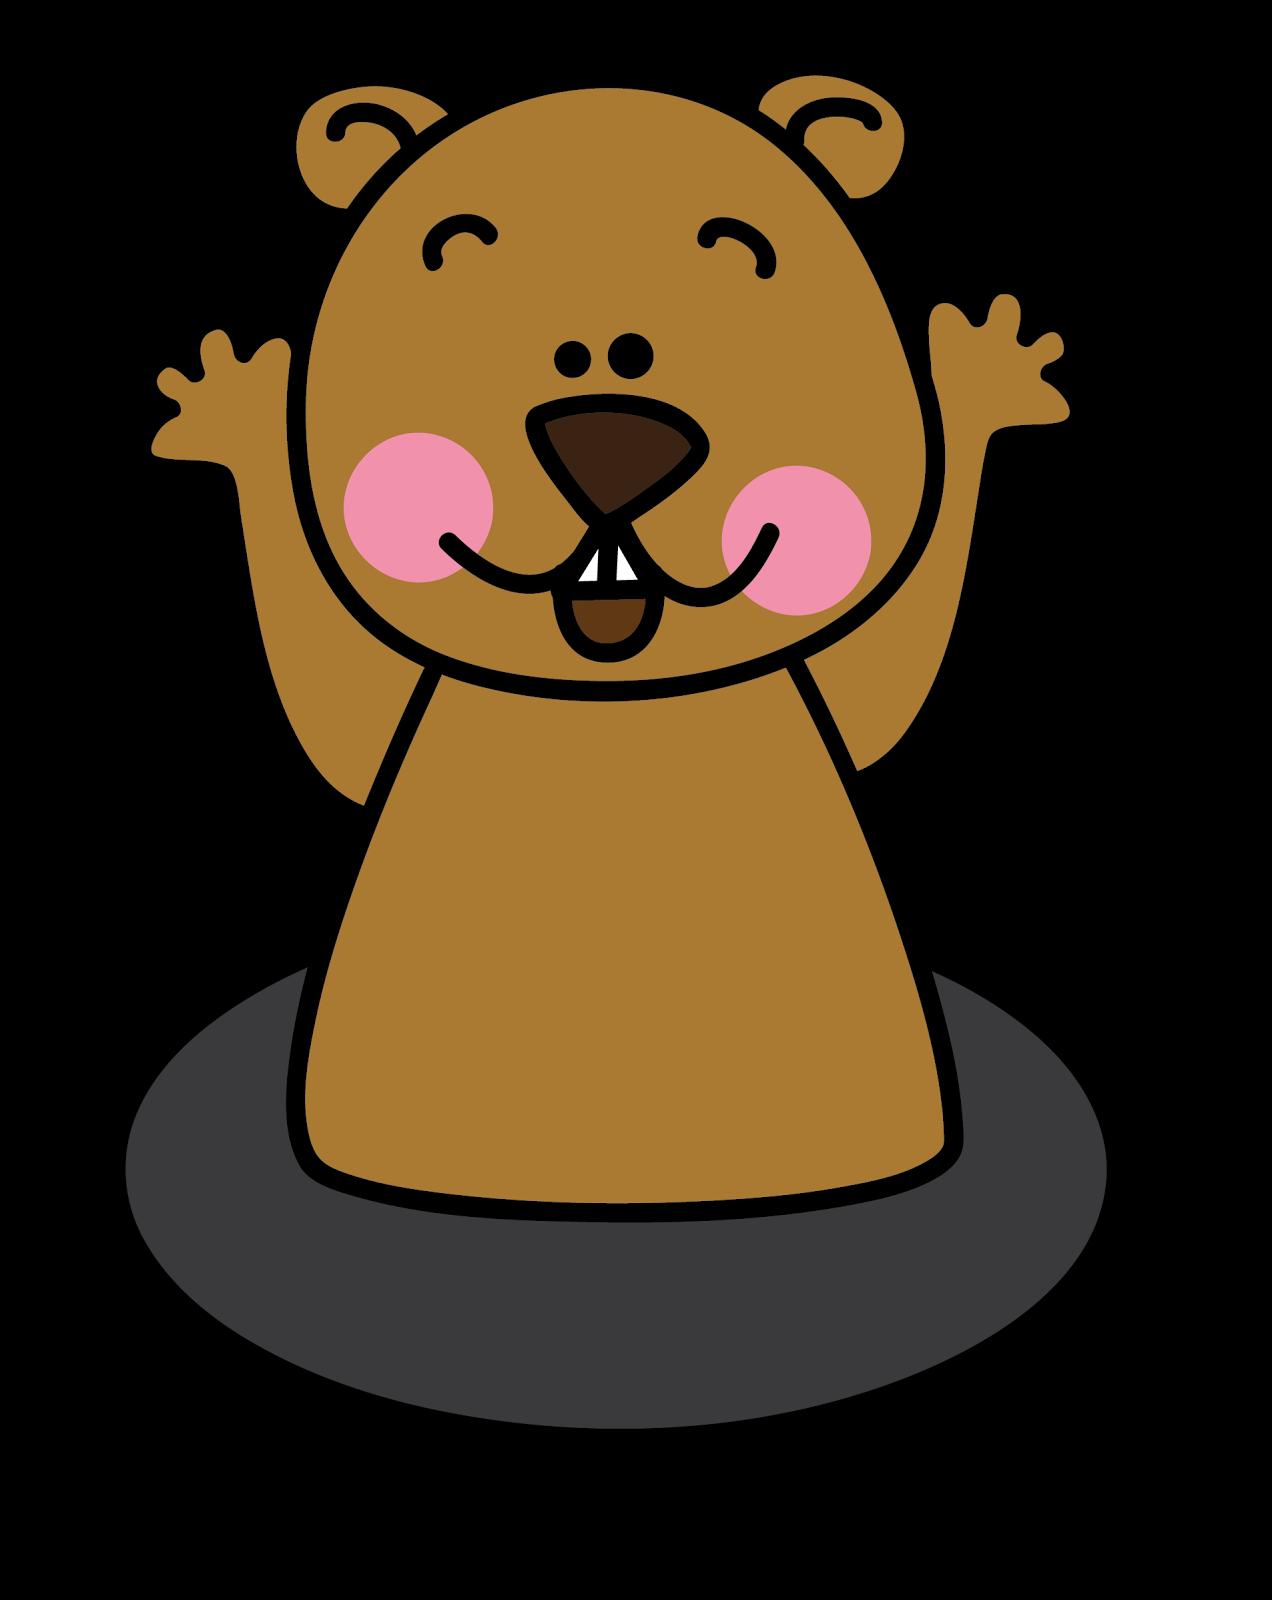 Mrs. Albaneseu0026#39;s Kindergarten Cla-Mrs. Albaneseu0026#39;s Kindergarten Class: Mr. Groundhog is coming!!! Groundhog Shadow Clipart Images Pictures - Becuo-8